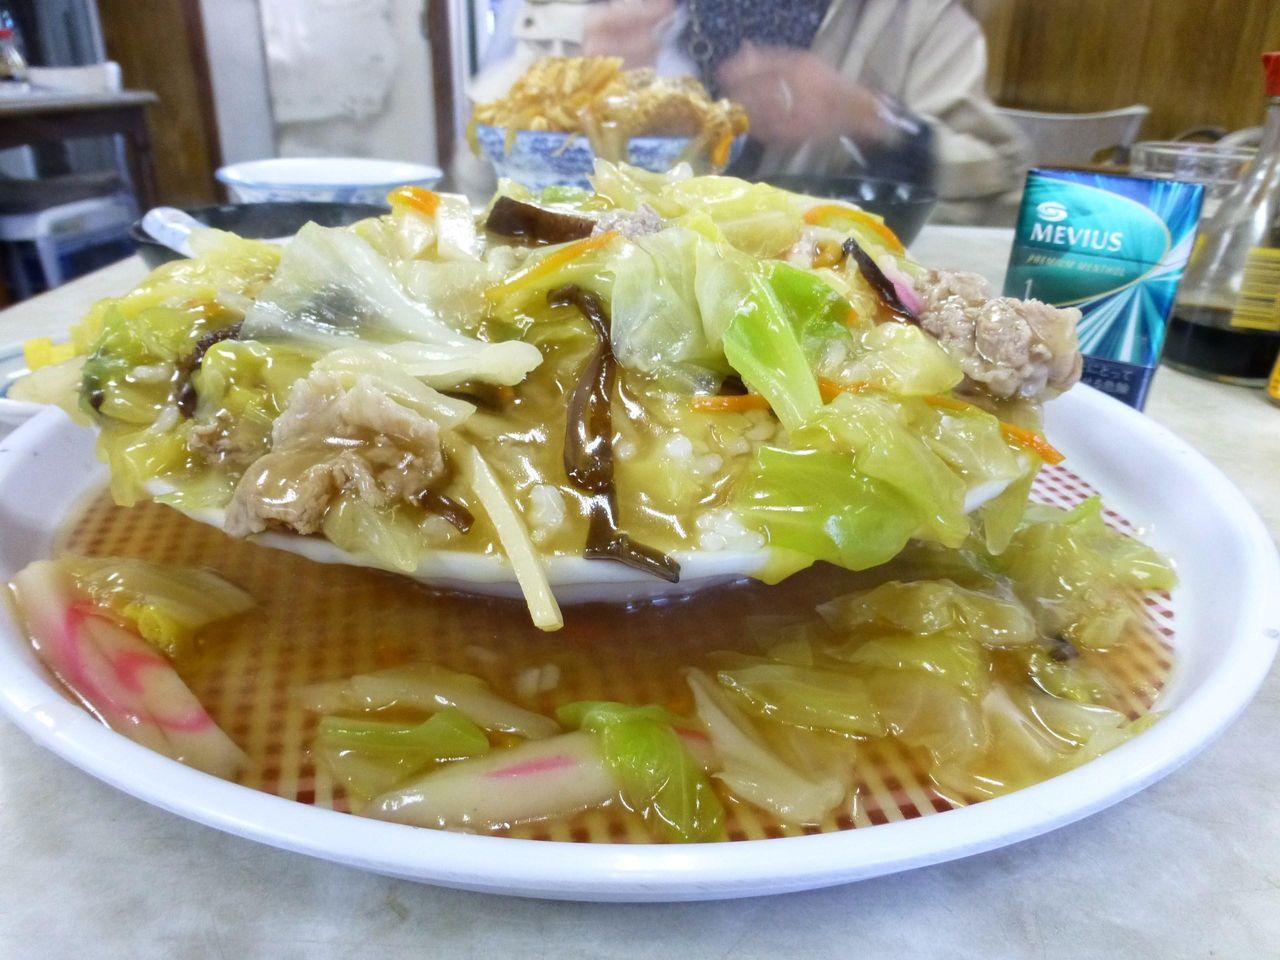 デカ盛りの聖地「やよい食堂」で、中華丼の源泉かけ流し!